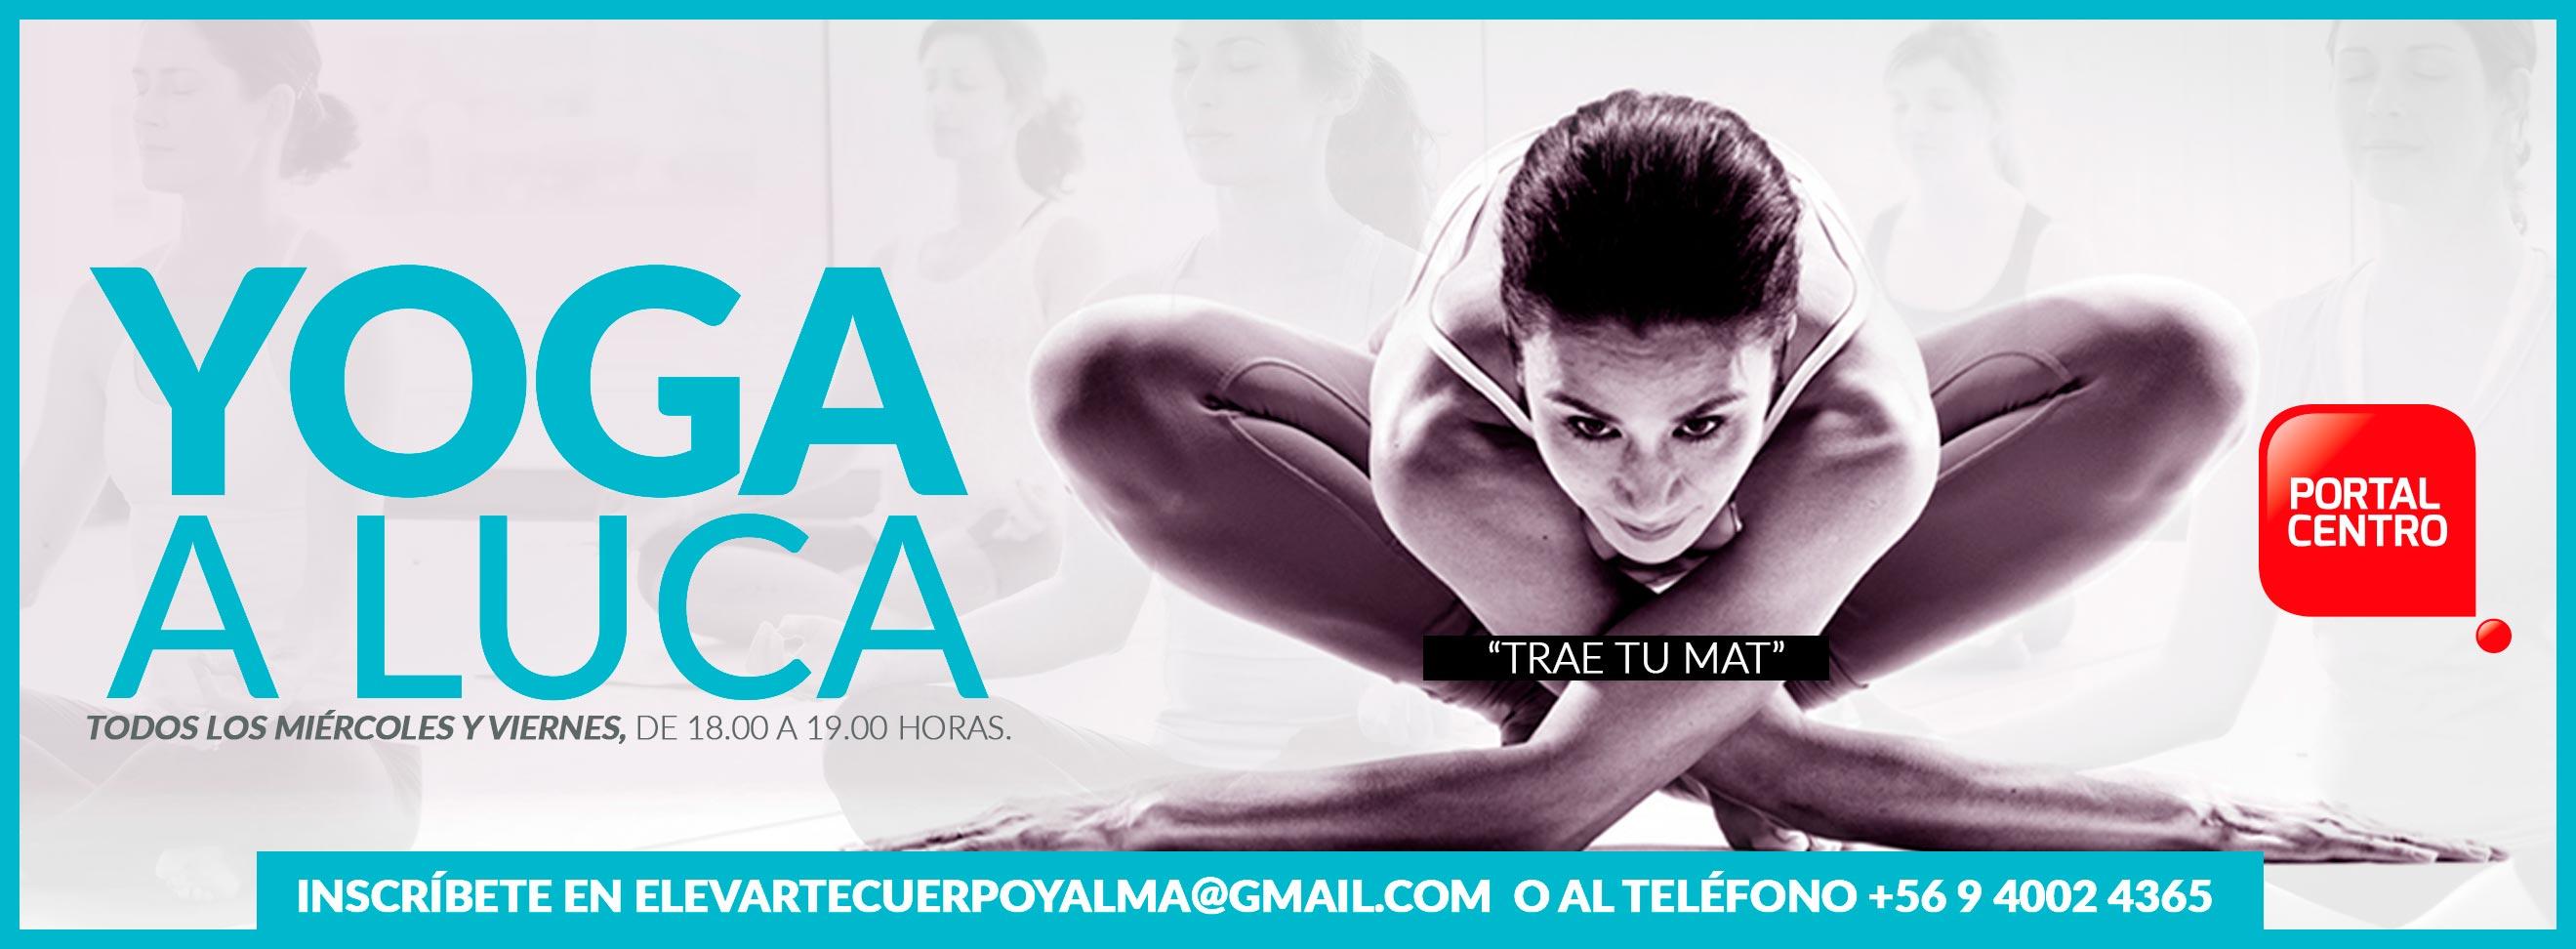 Banner_yoga_luca-1